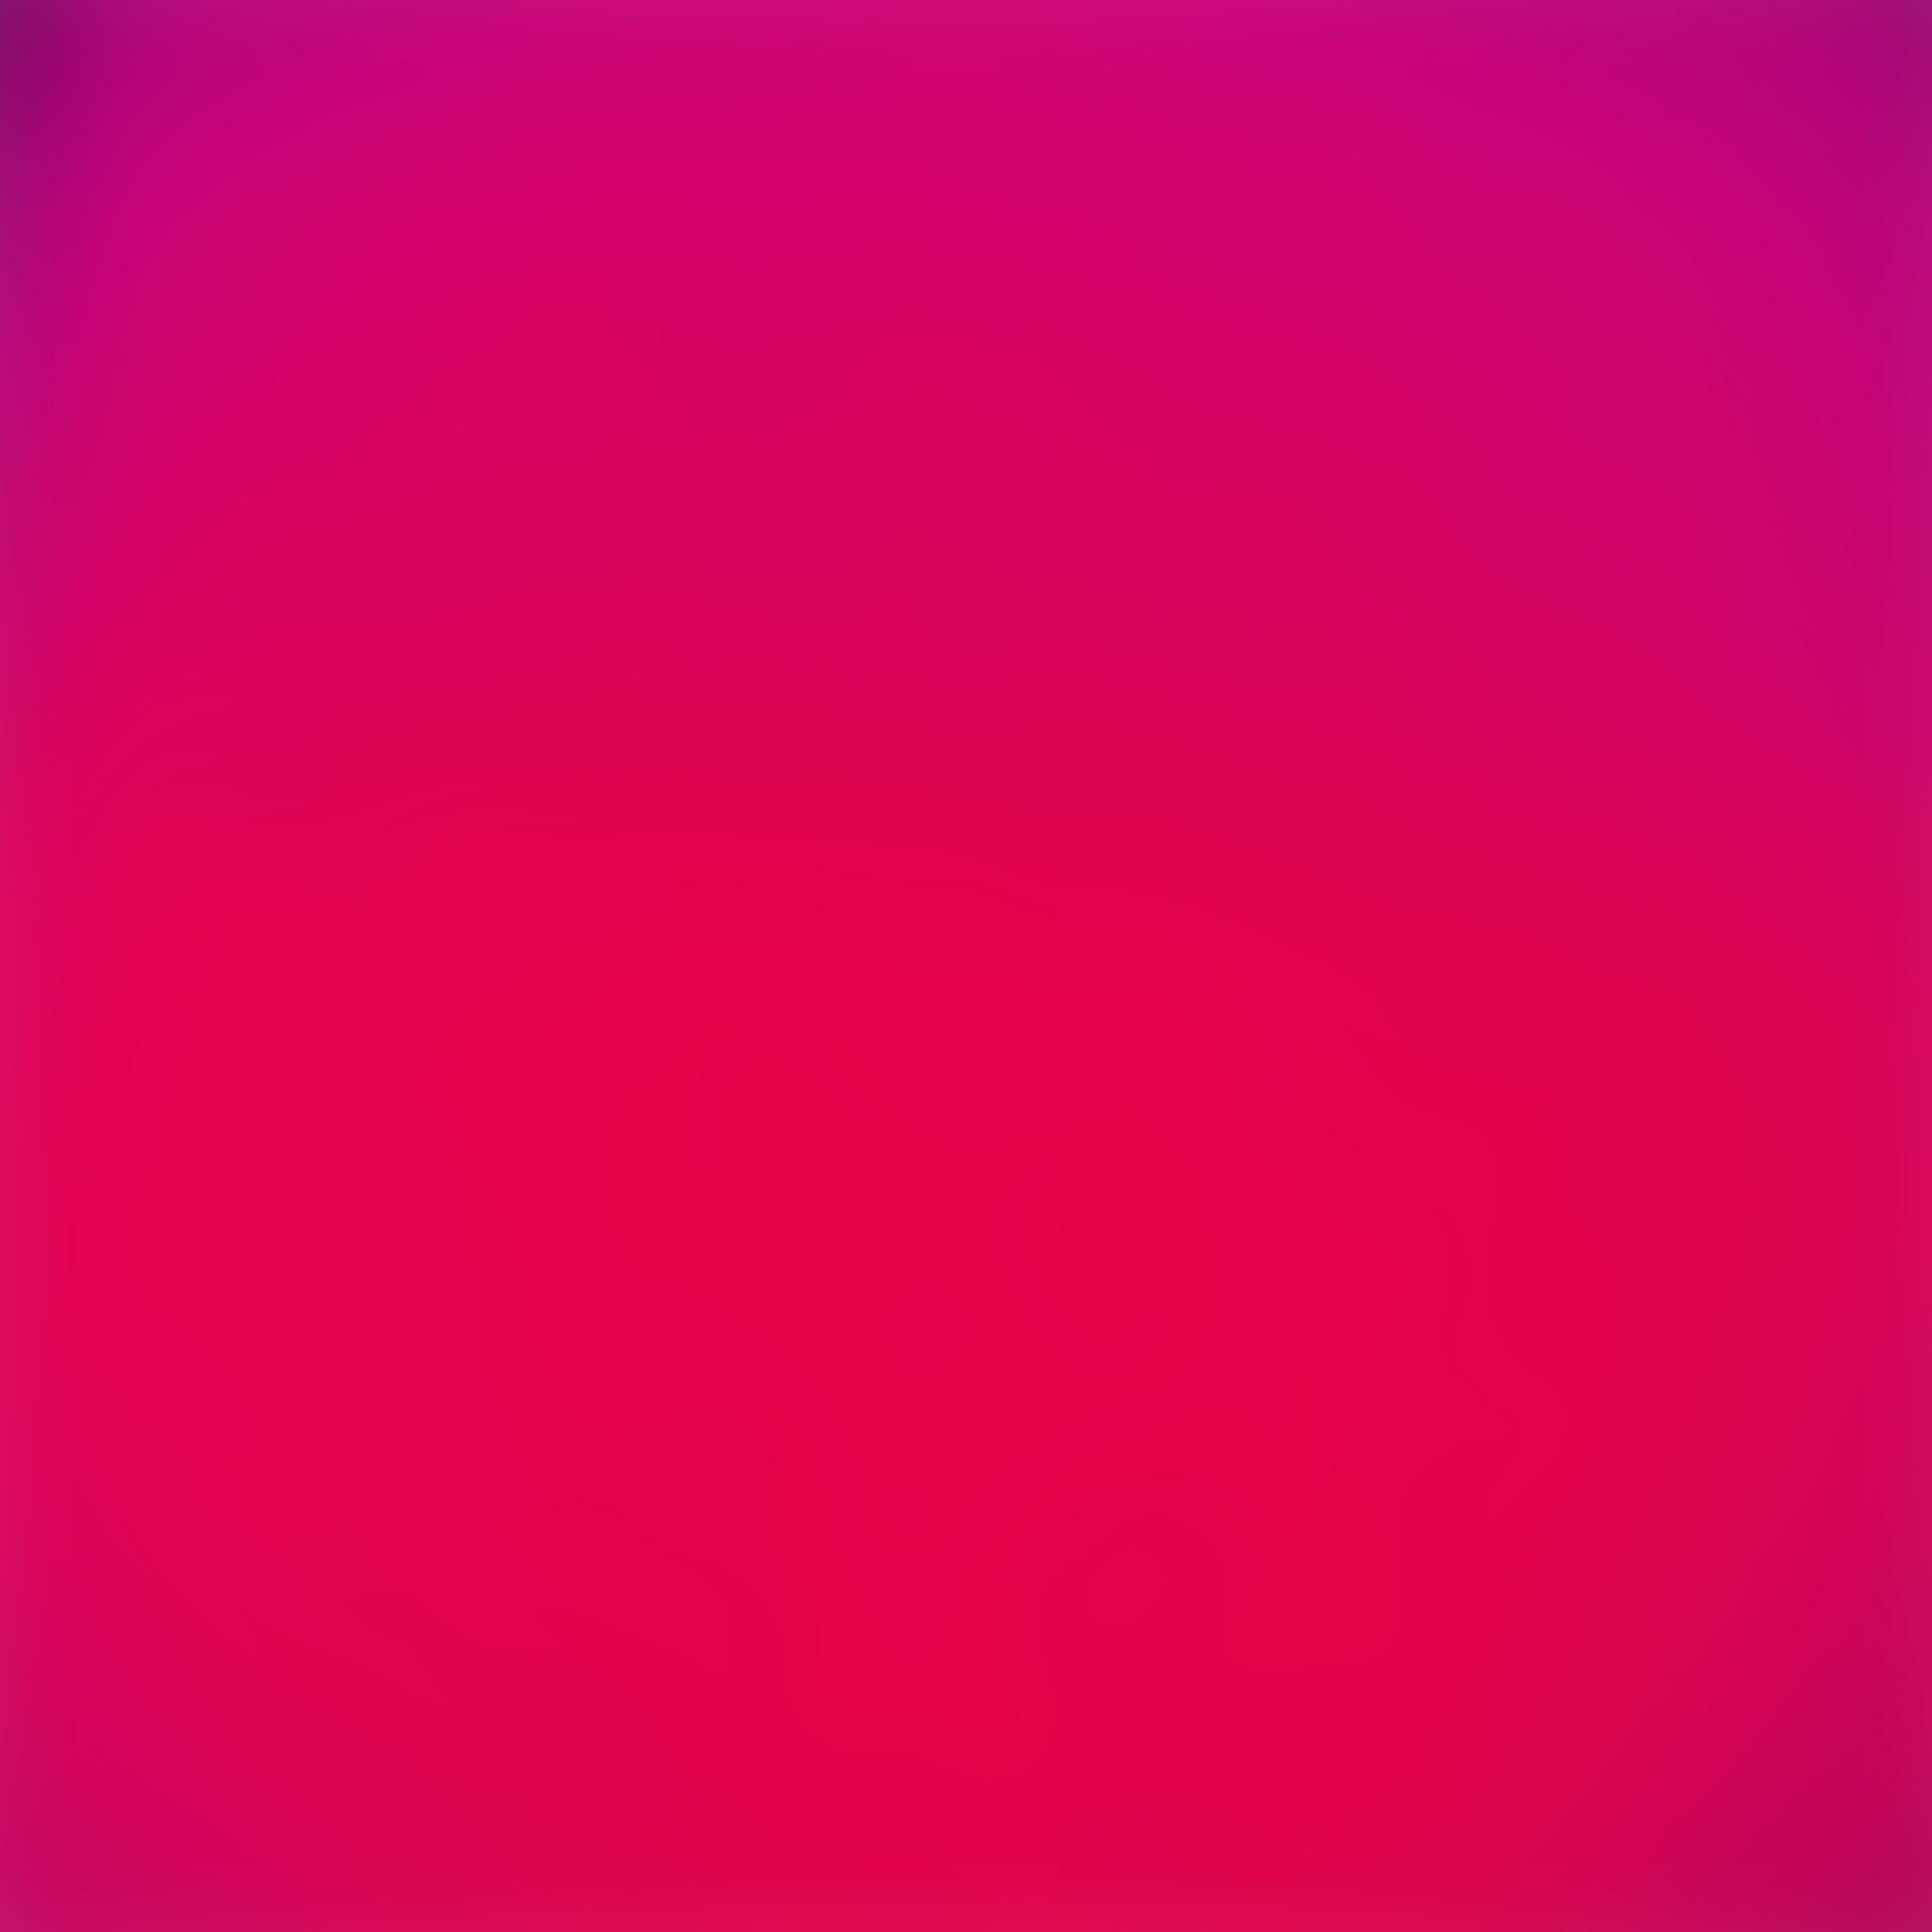 Wallpaper Iphone Violet: Sk19-red-violet-hot-blur